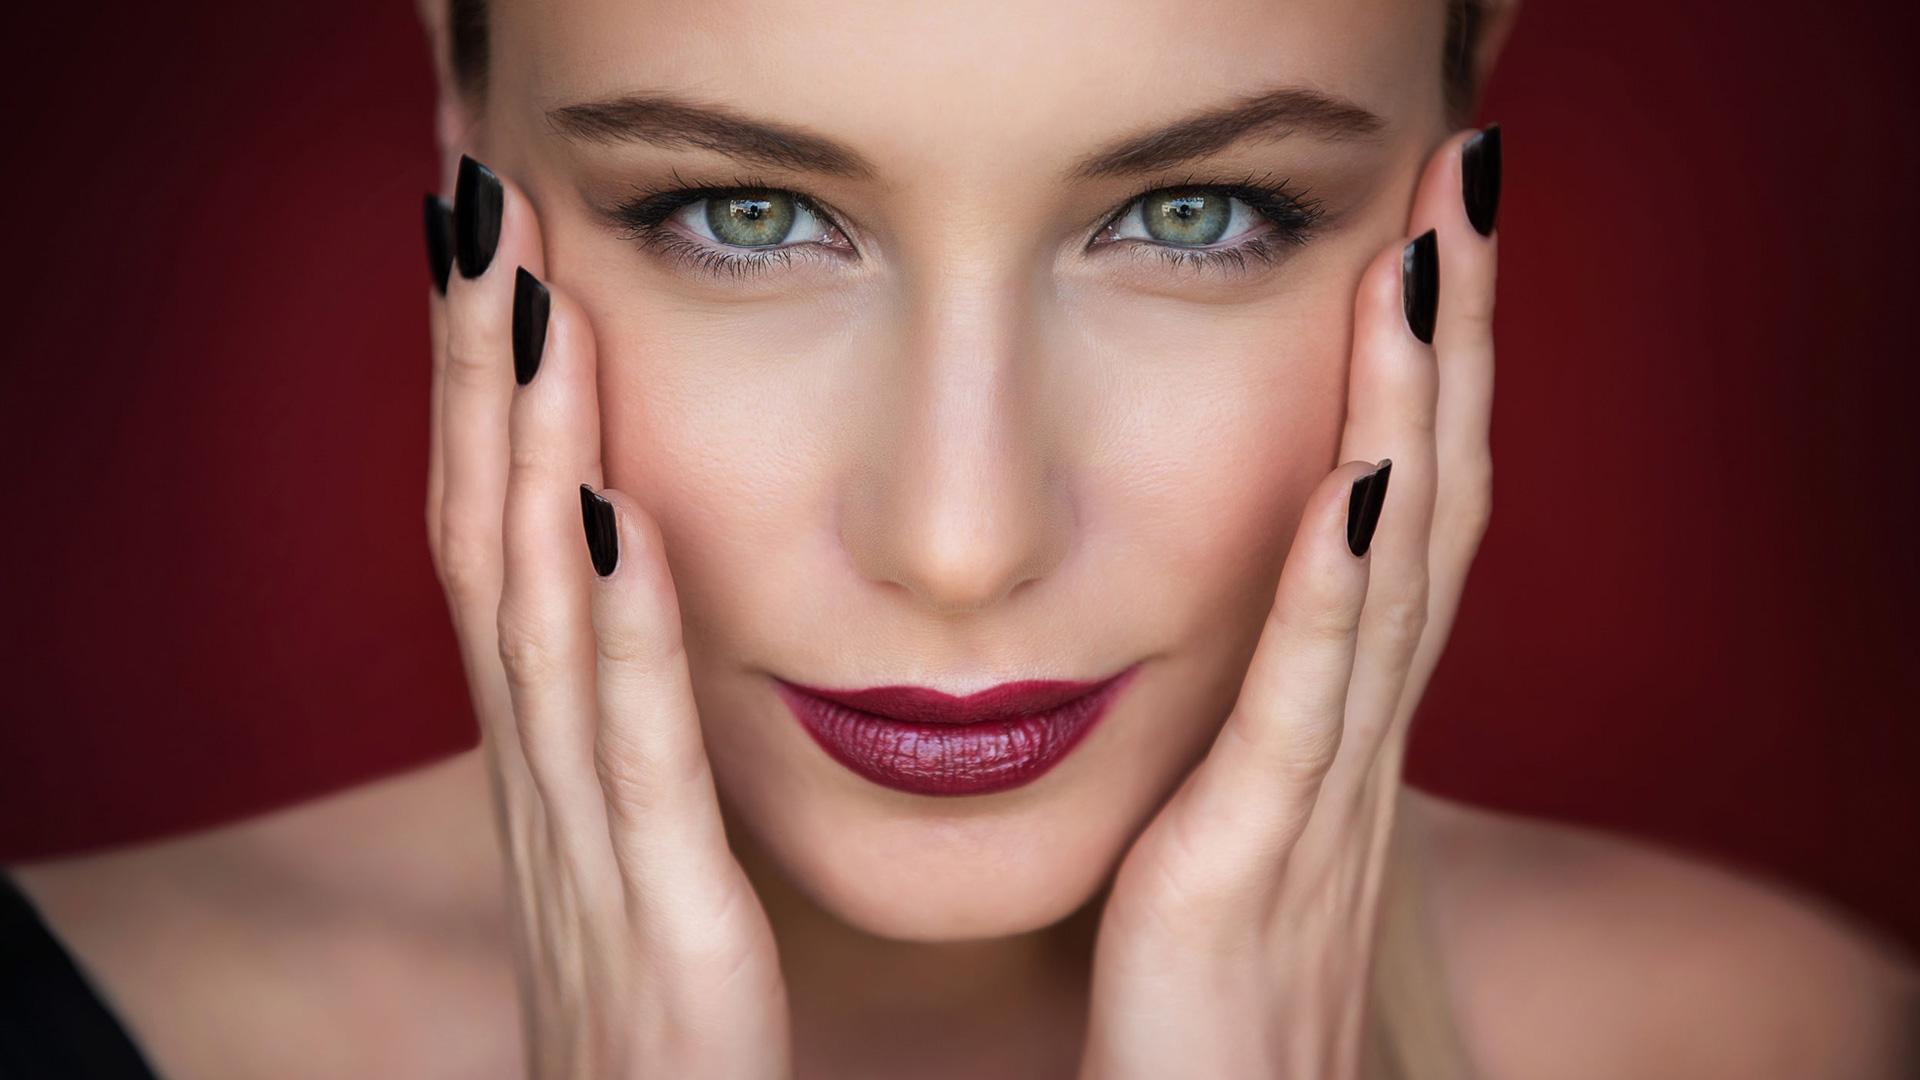 Junge Frau mit dunkelroten Lippen und schwarzen Fingernägeln